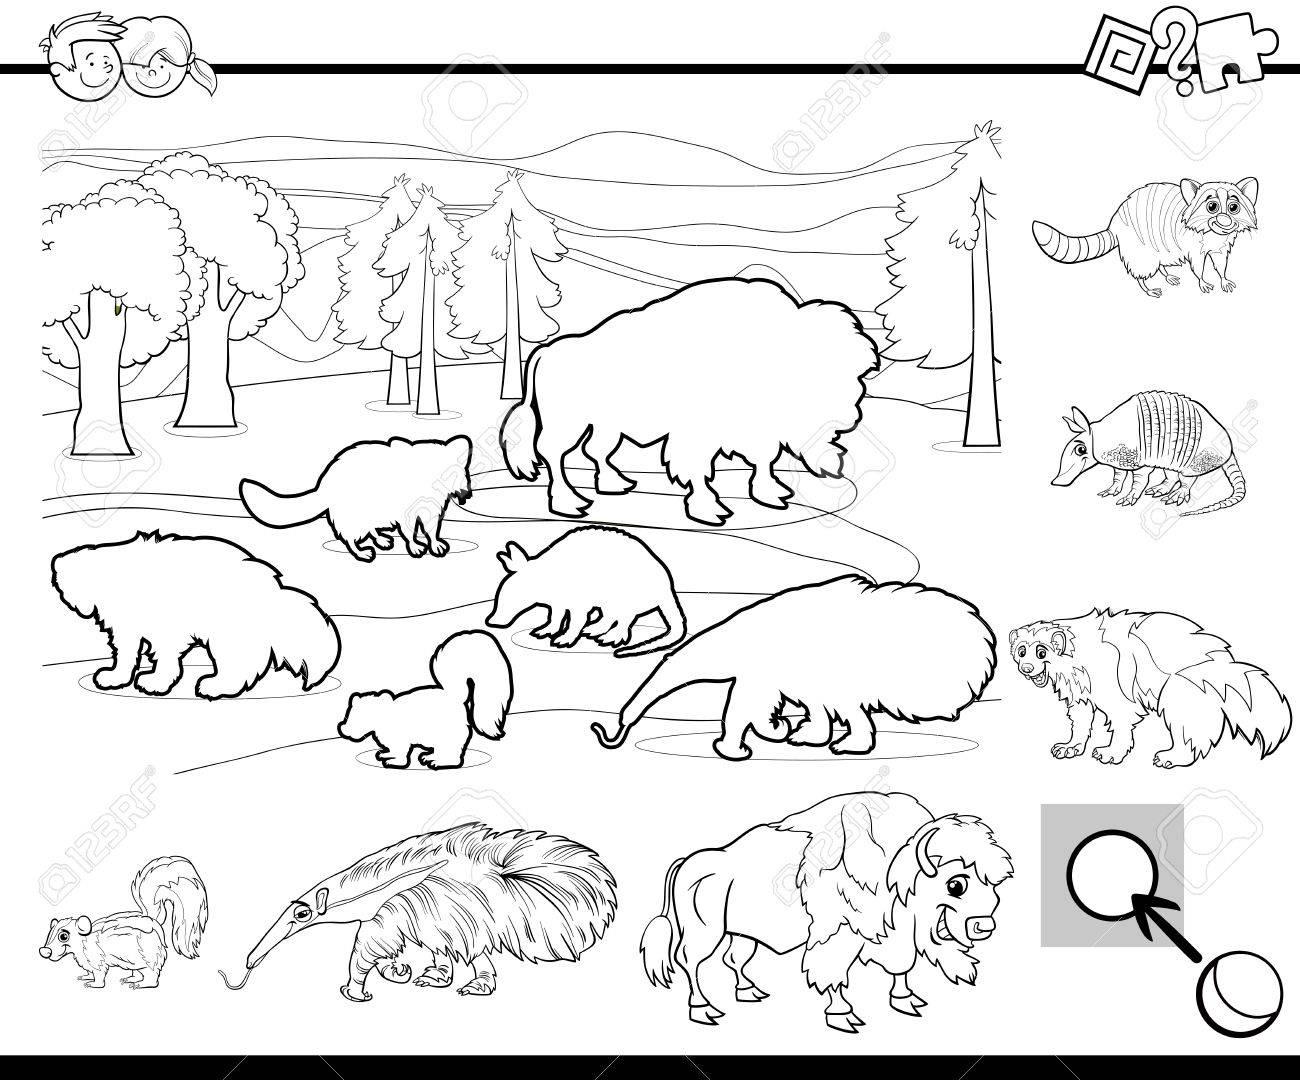 Ilustracion De Dibujos Animados En Blanco Y Negro De La Actividad